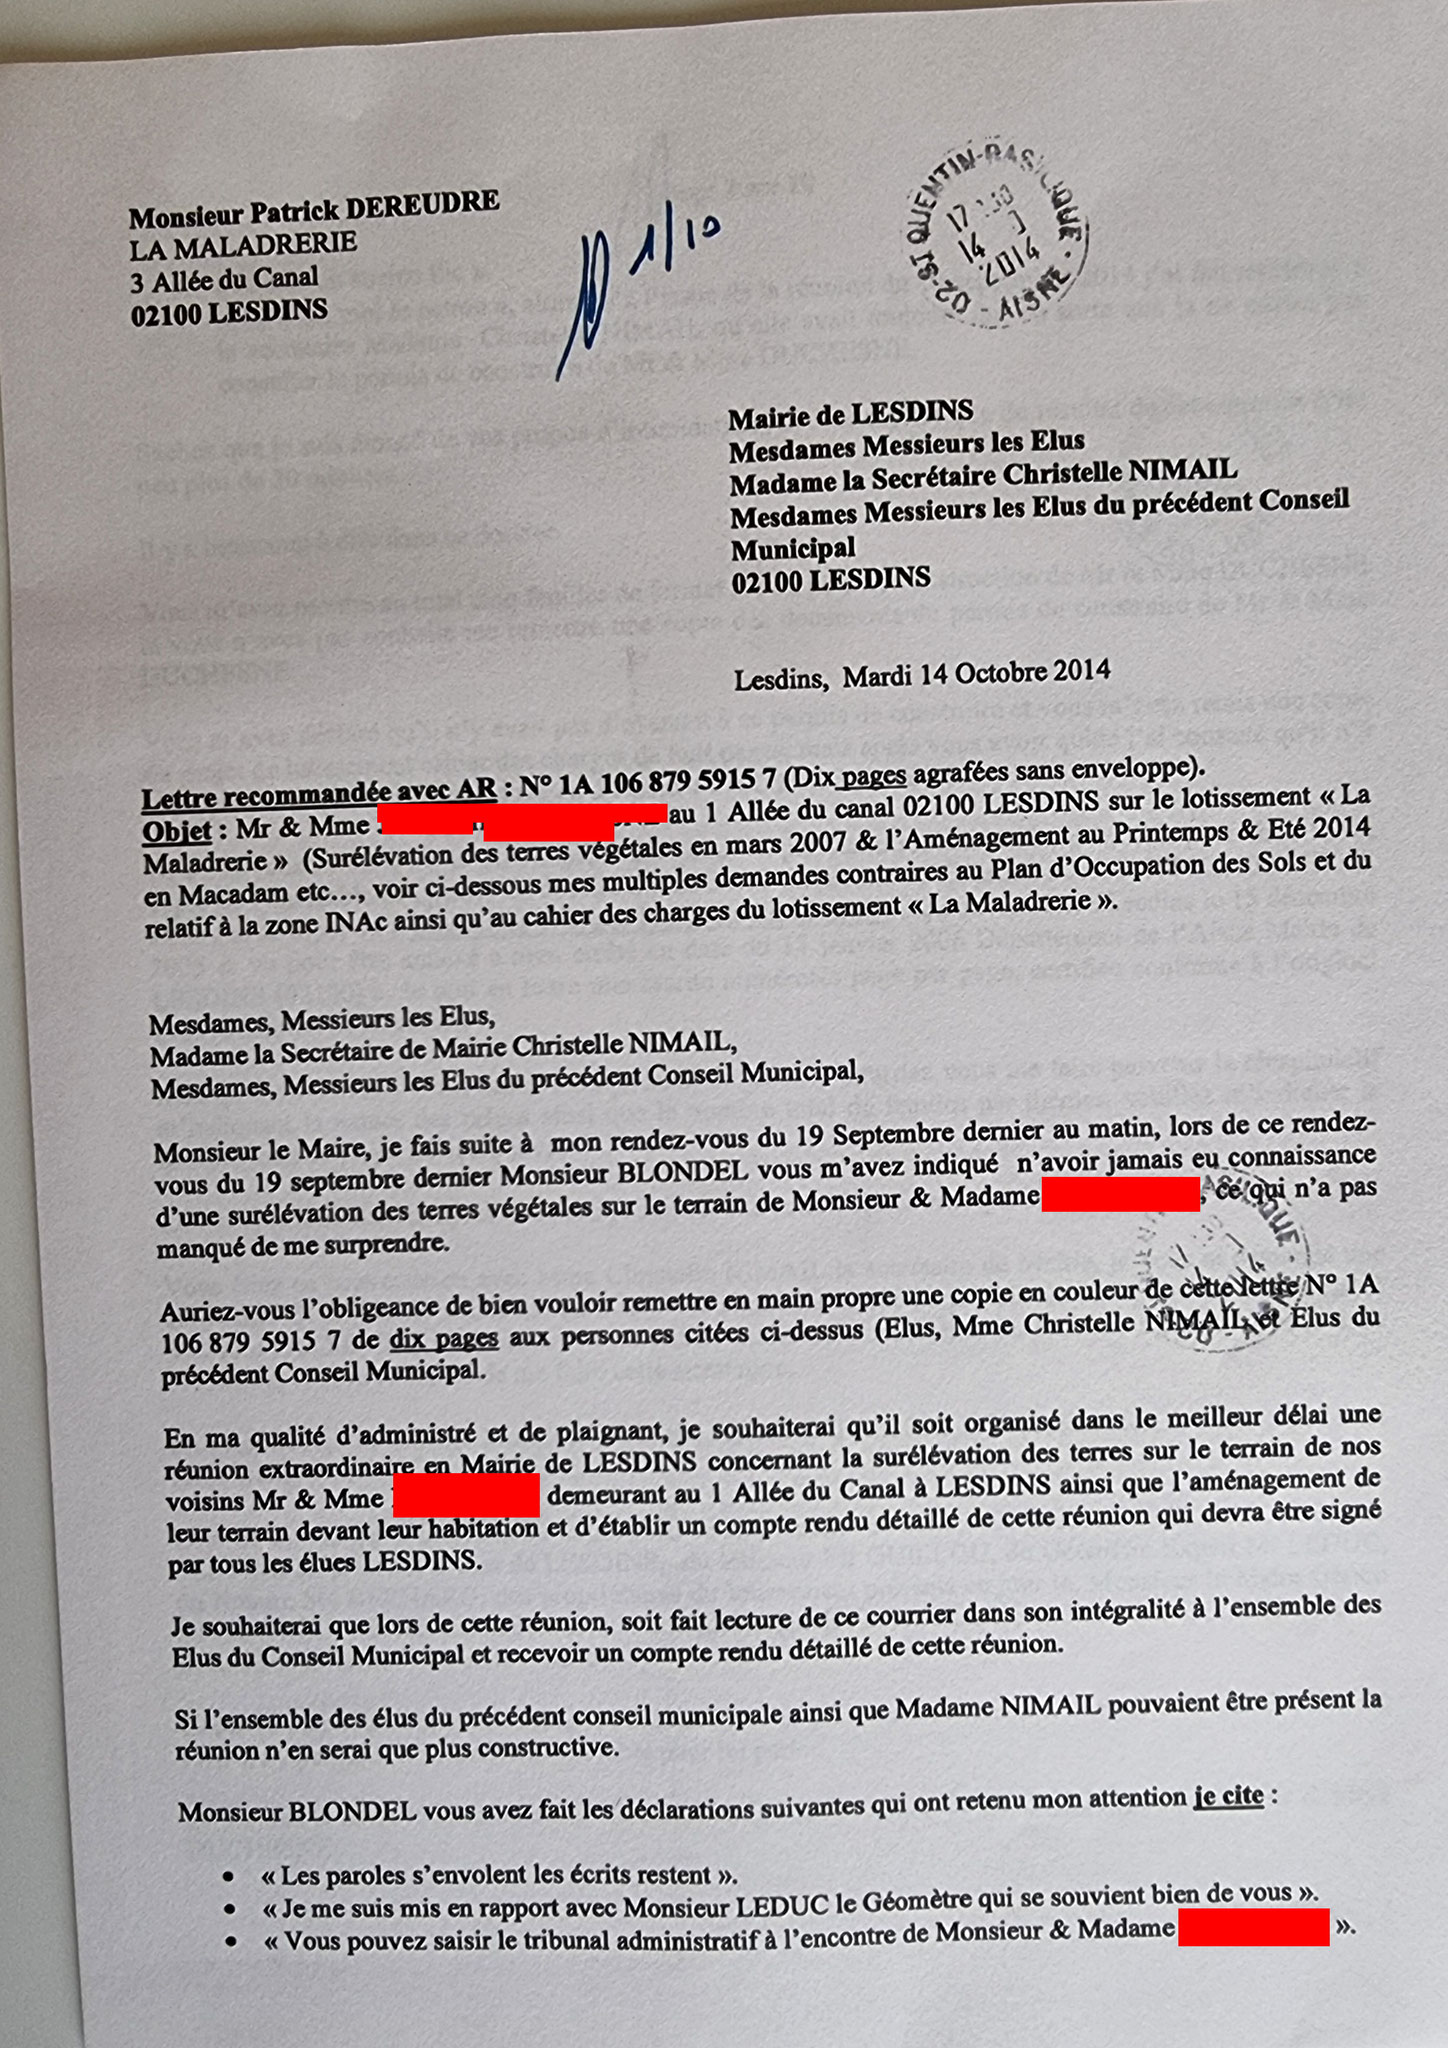 AFFAIRE MES CHERS VOISINS Le Jeudi 14 Octobre 2014, j'adresse une LRAR N0 1A 106 879 5915 7  à Madame les Elus de Lesdins... www.jenesuispasunchien.fr www.jesuispatrick.fr www.jesuisvictime.fr